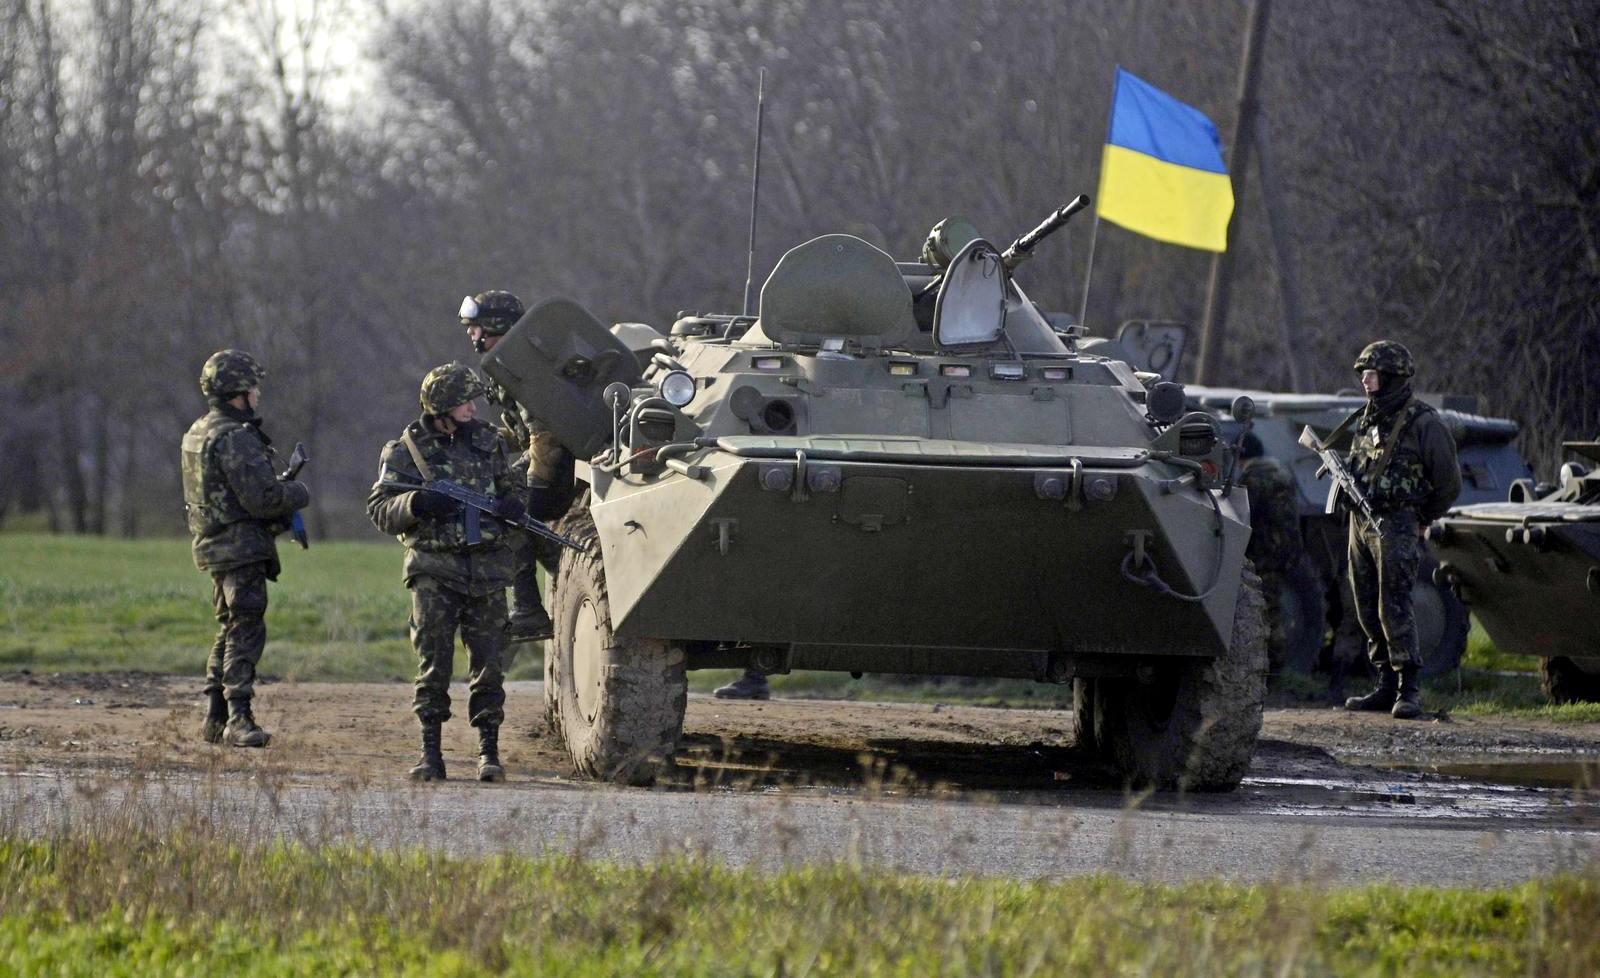 Закарпатців просять не лякатись колони військової техніки, яка їхатиме з Ужгорода в Мукачево